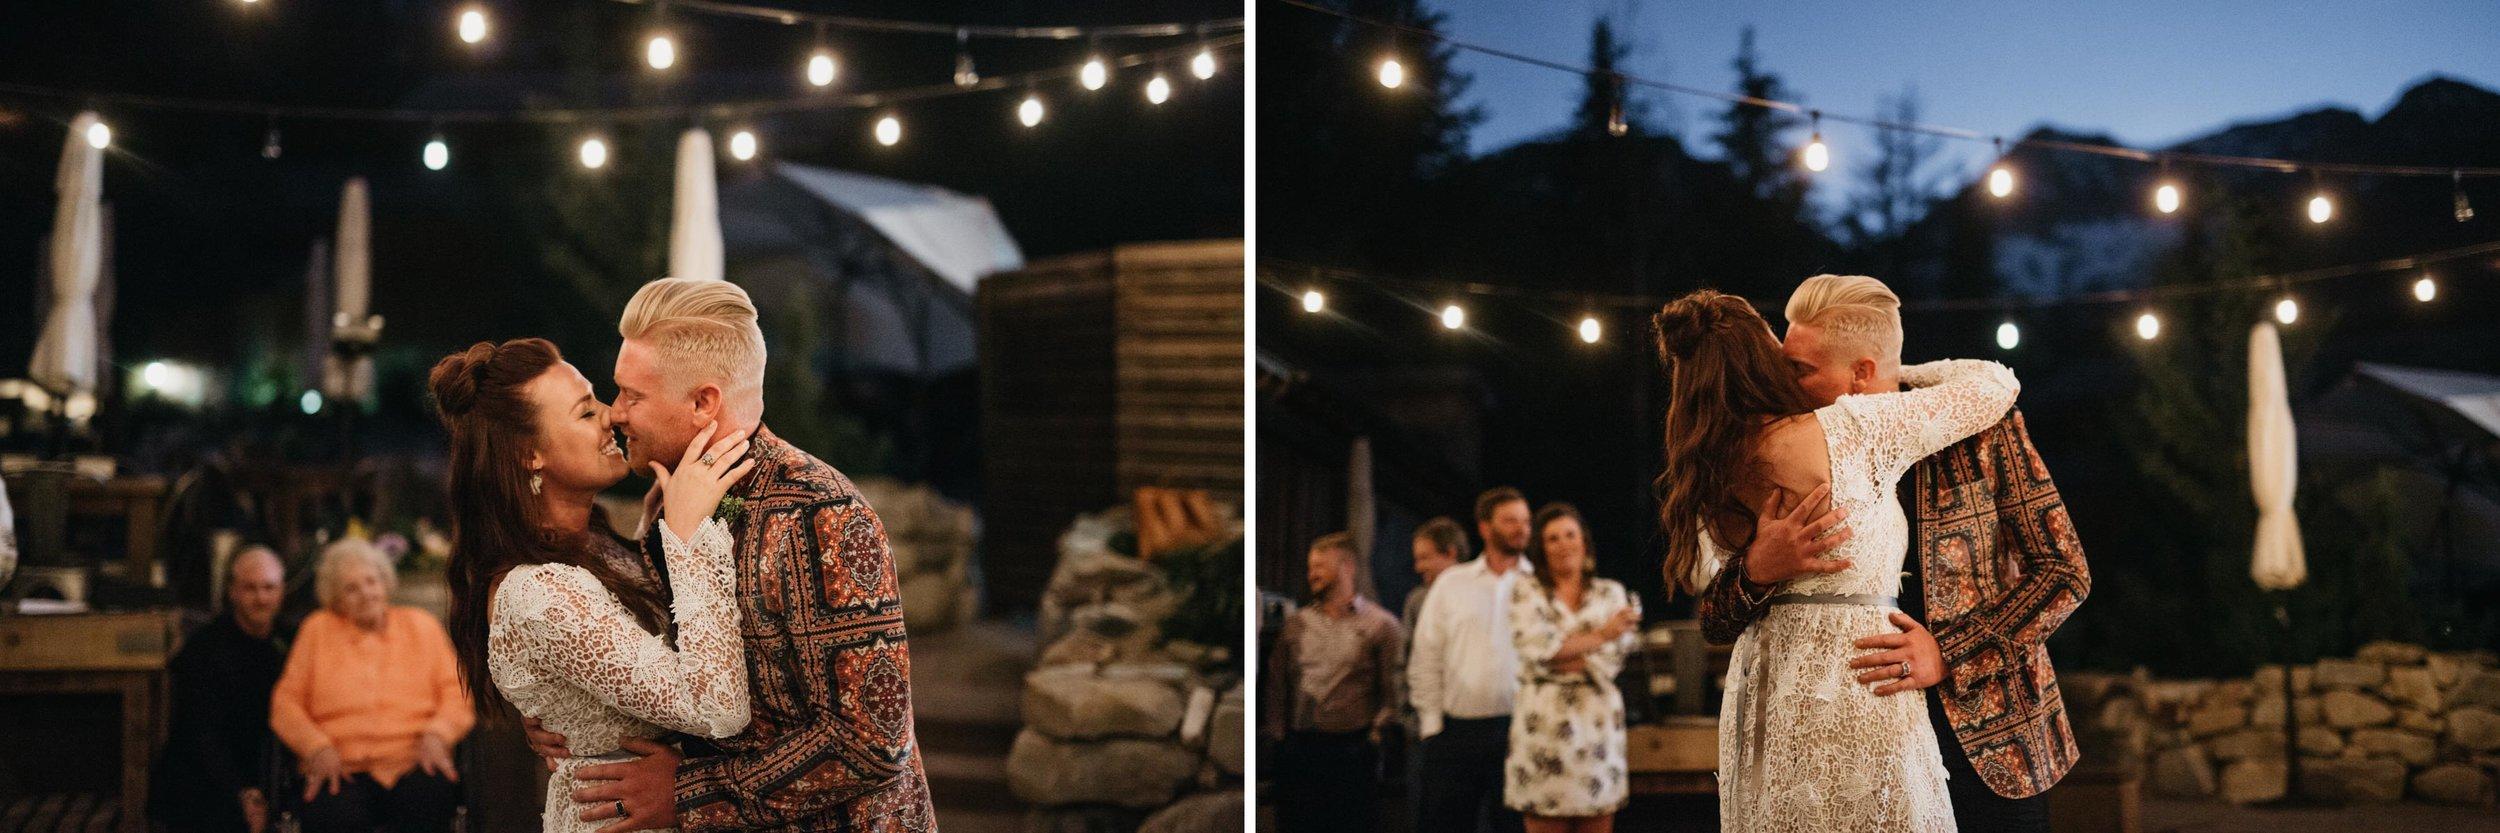 Sundance-Wedding-Photographer-027.jpg